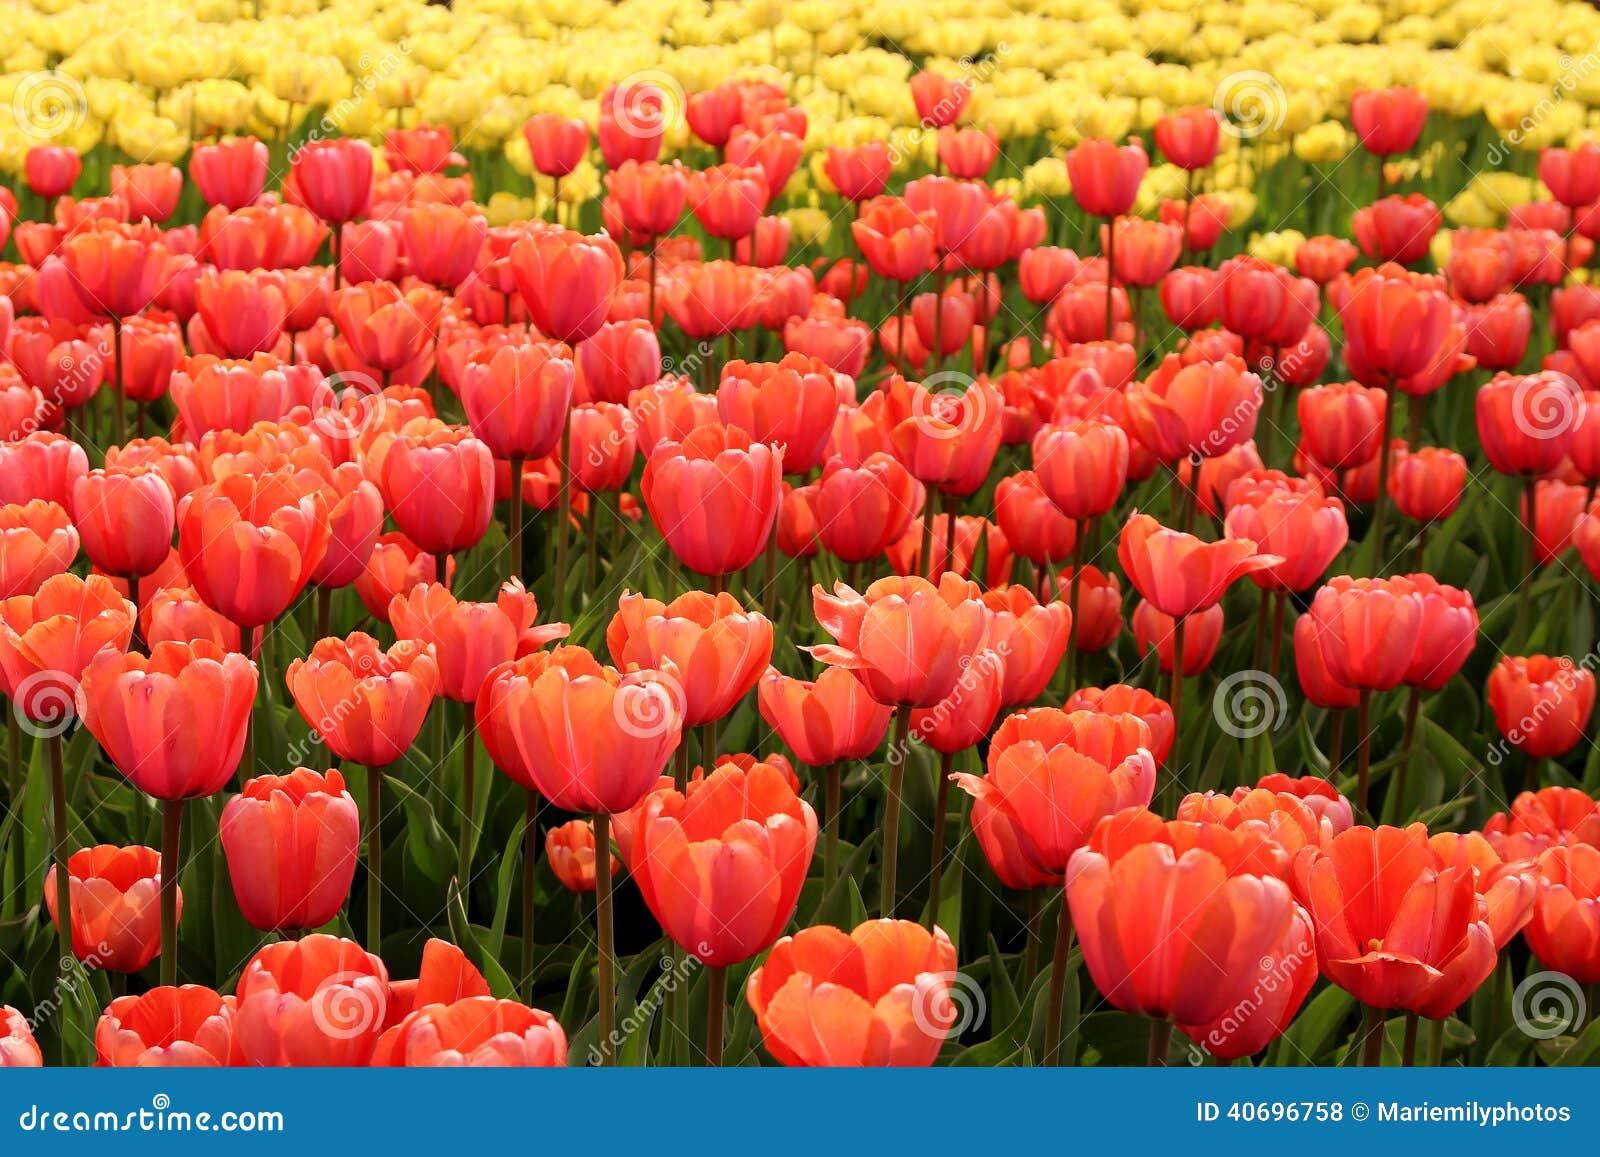 Spring Tulips In Full Bloom, Tulip Festival In Turkey